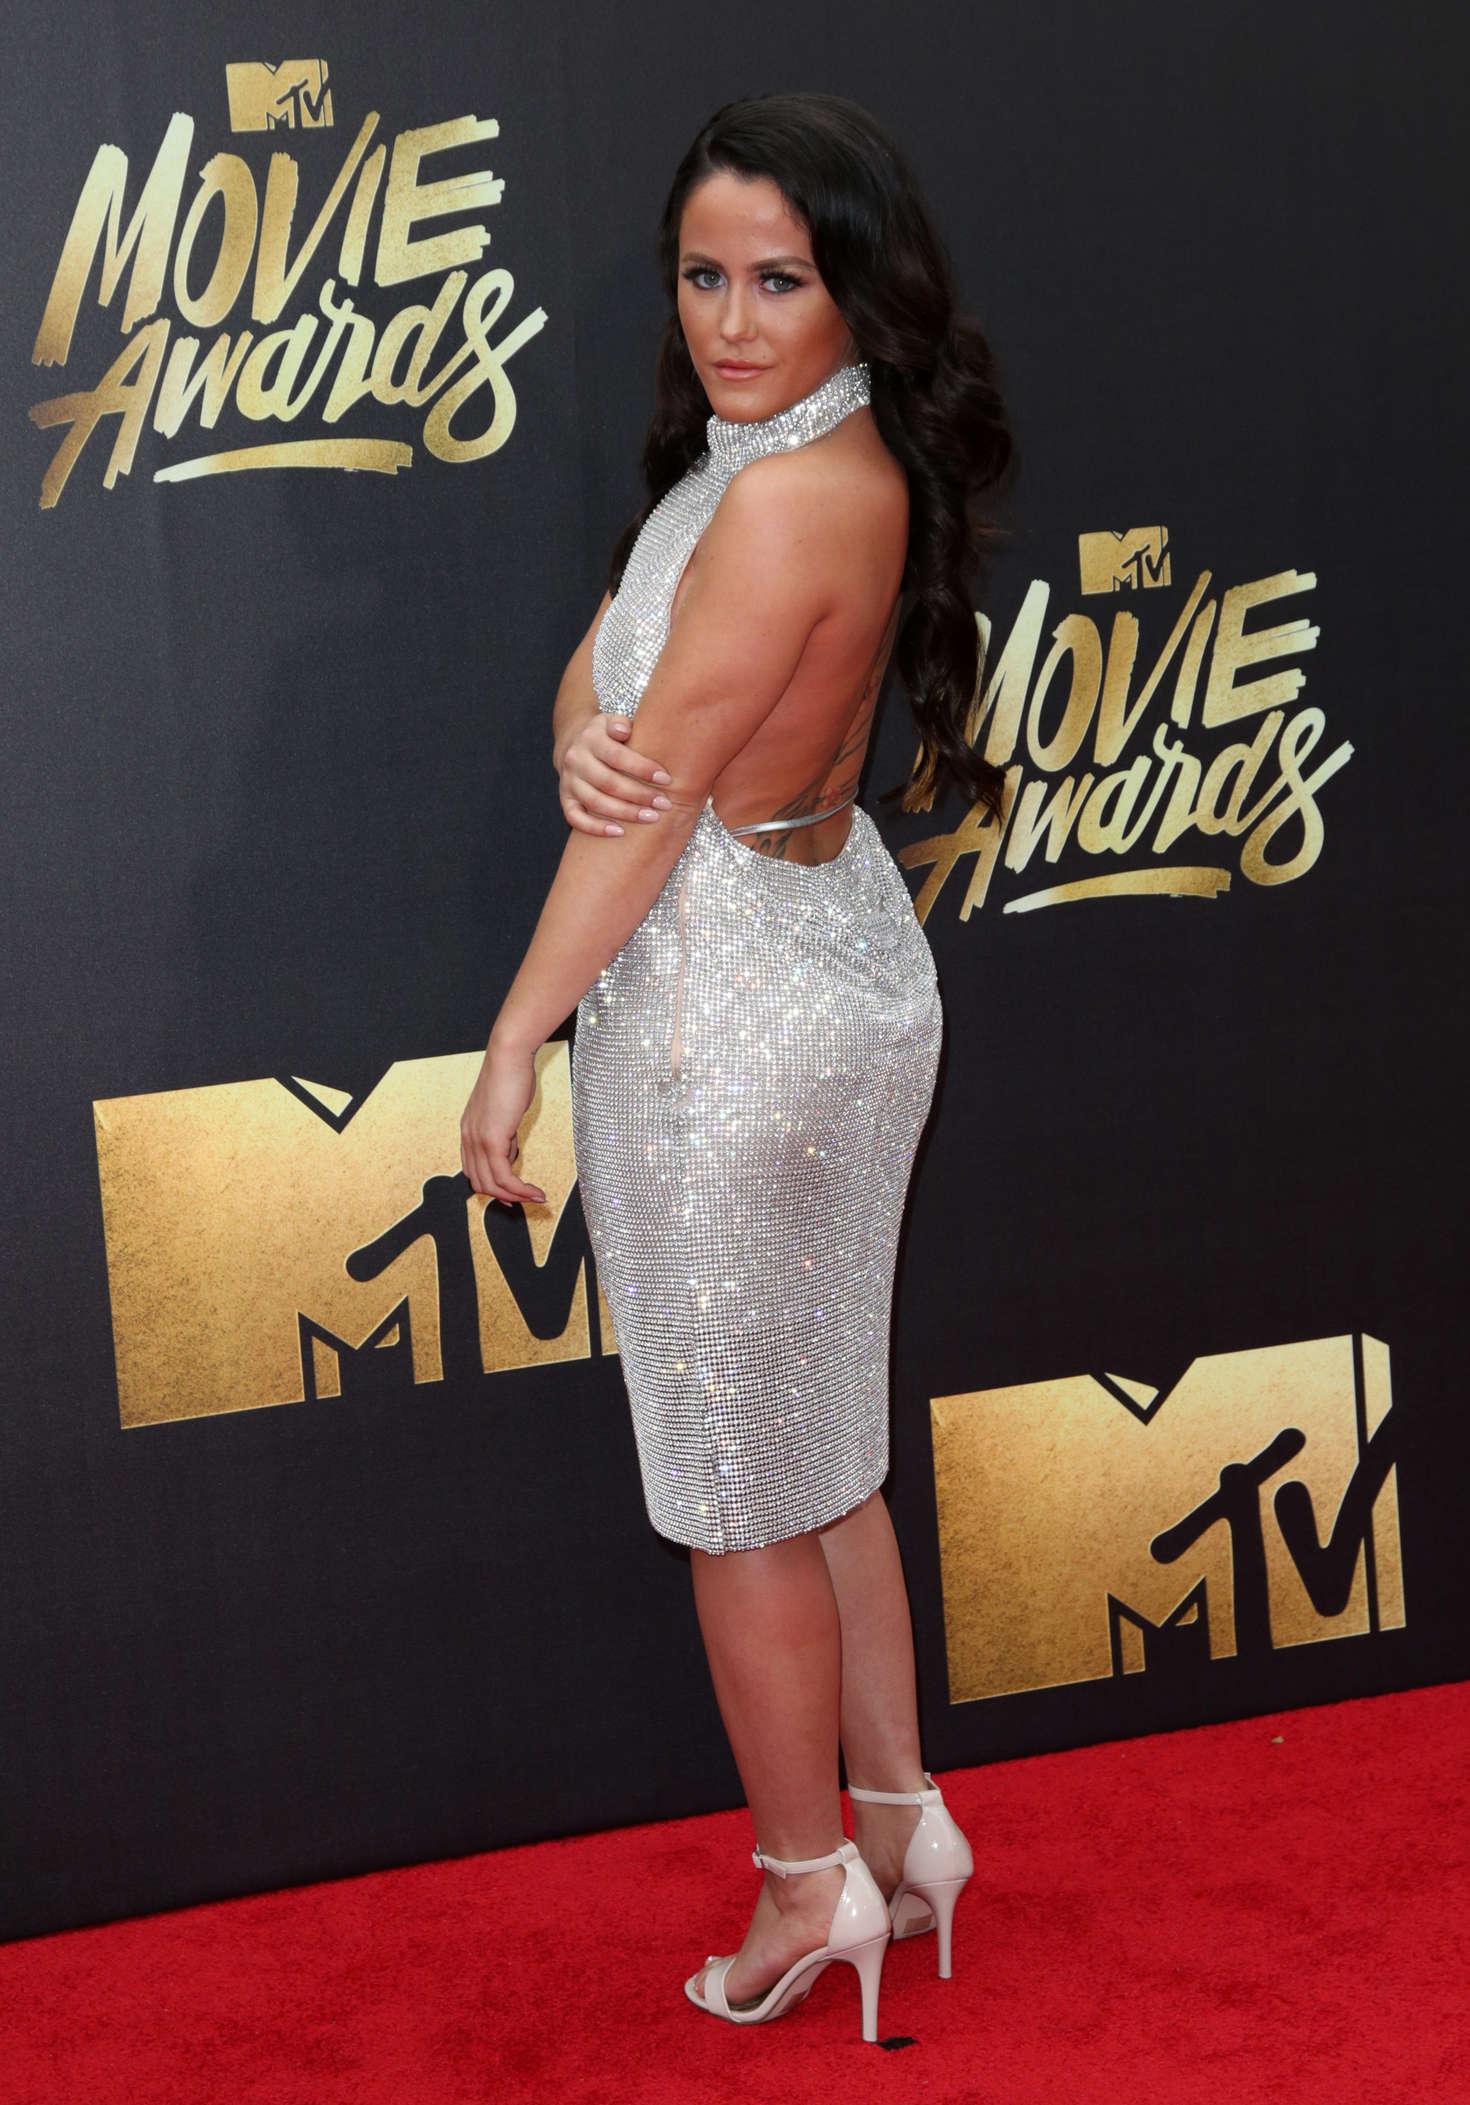 Jenelle Evans MTV Movie Awards in Burbank